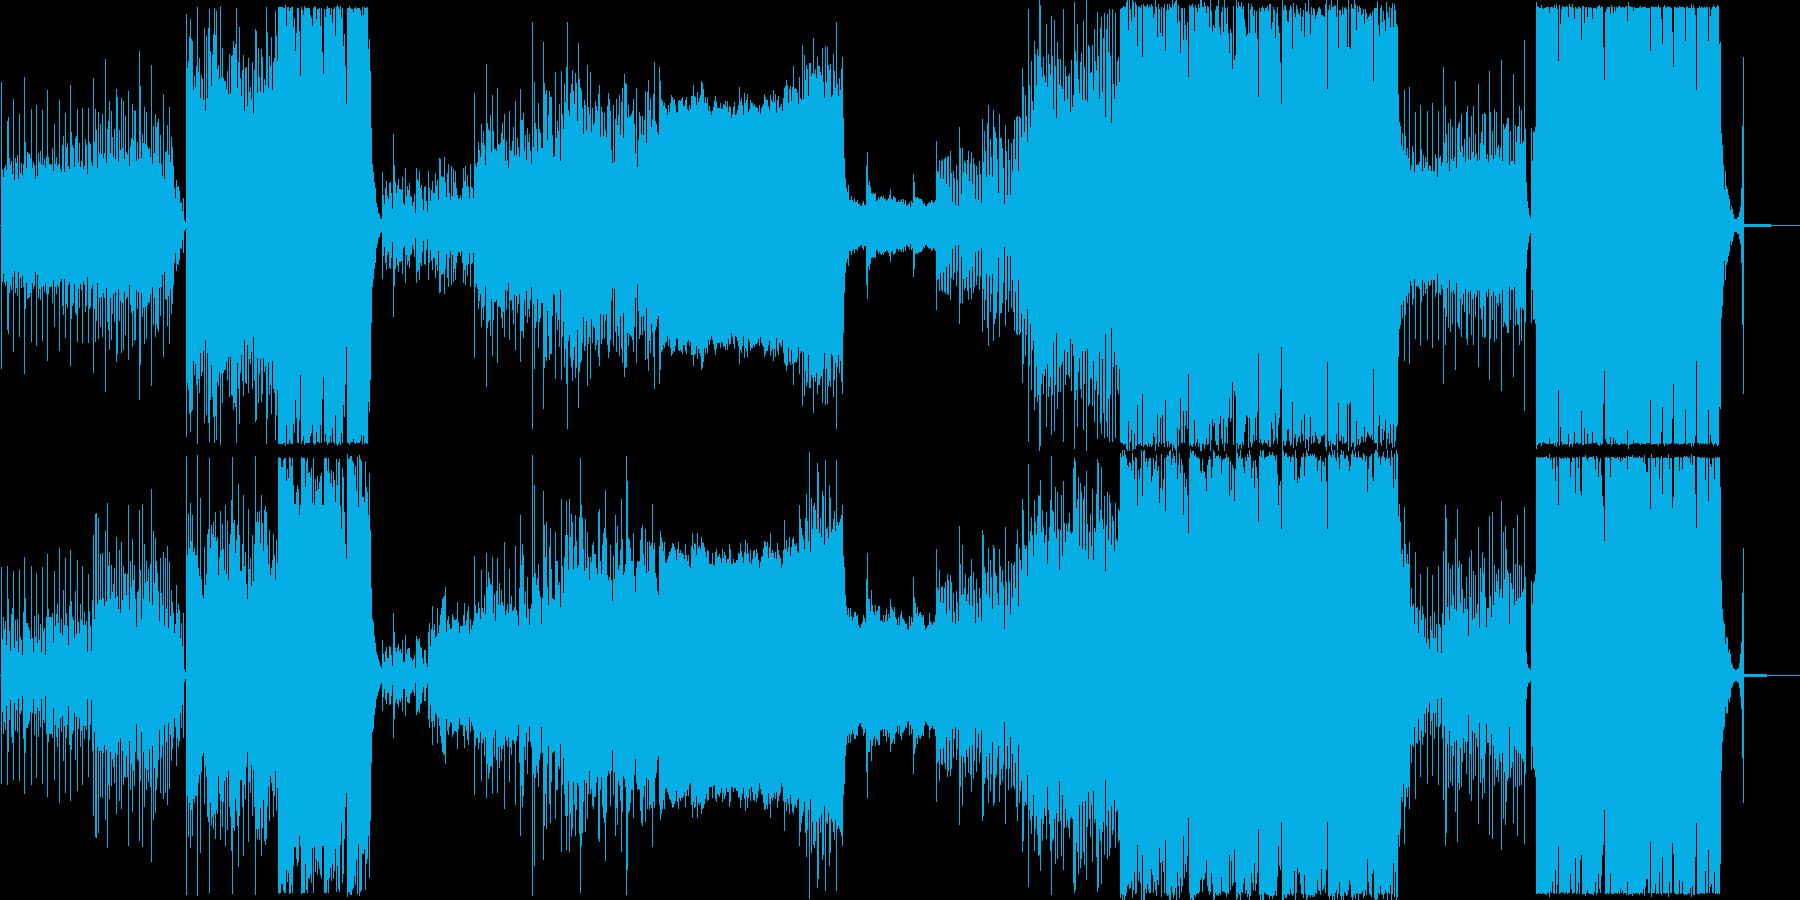 ダイジェスト映像に最適な明るくポップな曲の再生済みの波形